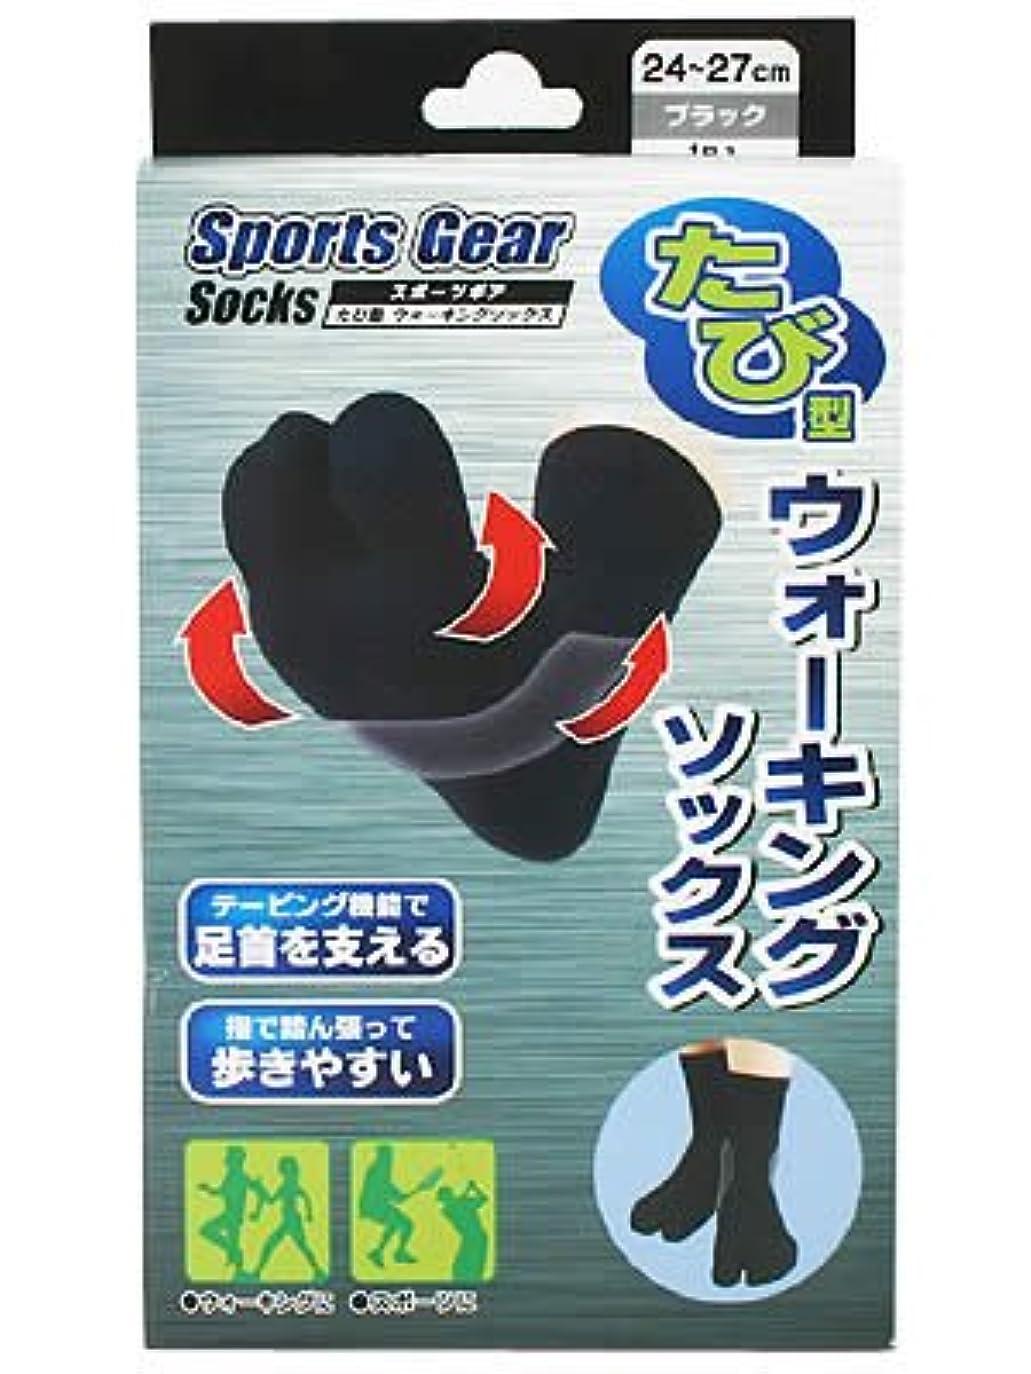 彼は超越するコマーススポーツギア たび型 ウォーキングソックス 24~27cm ブラック